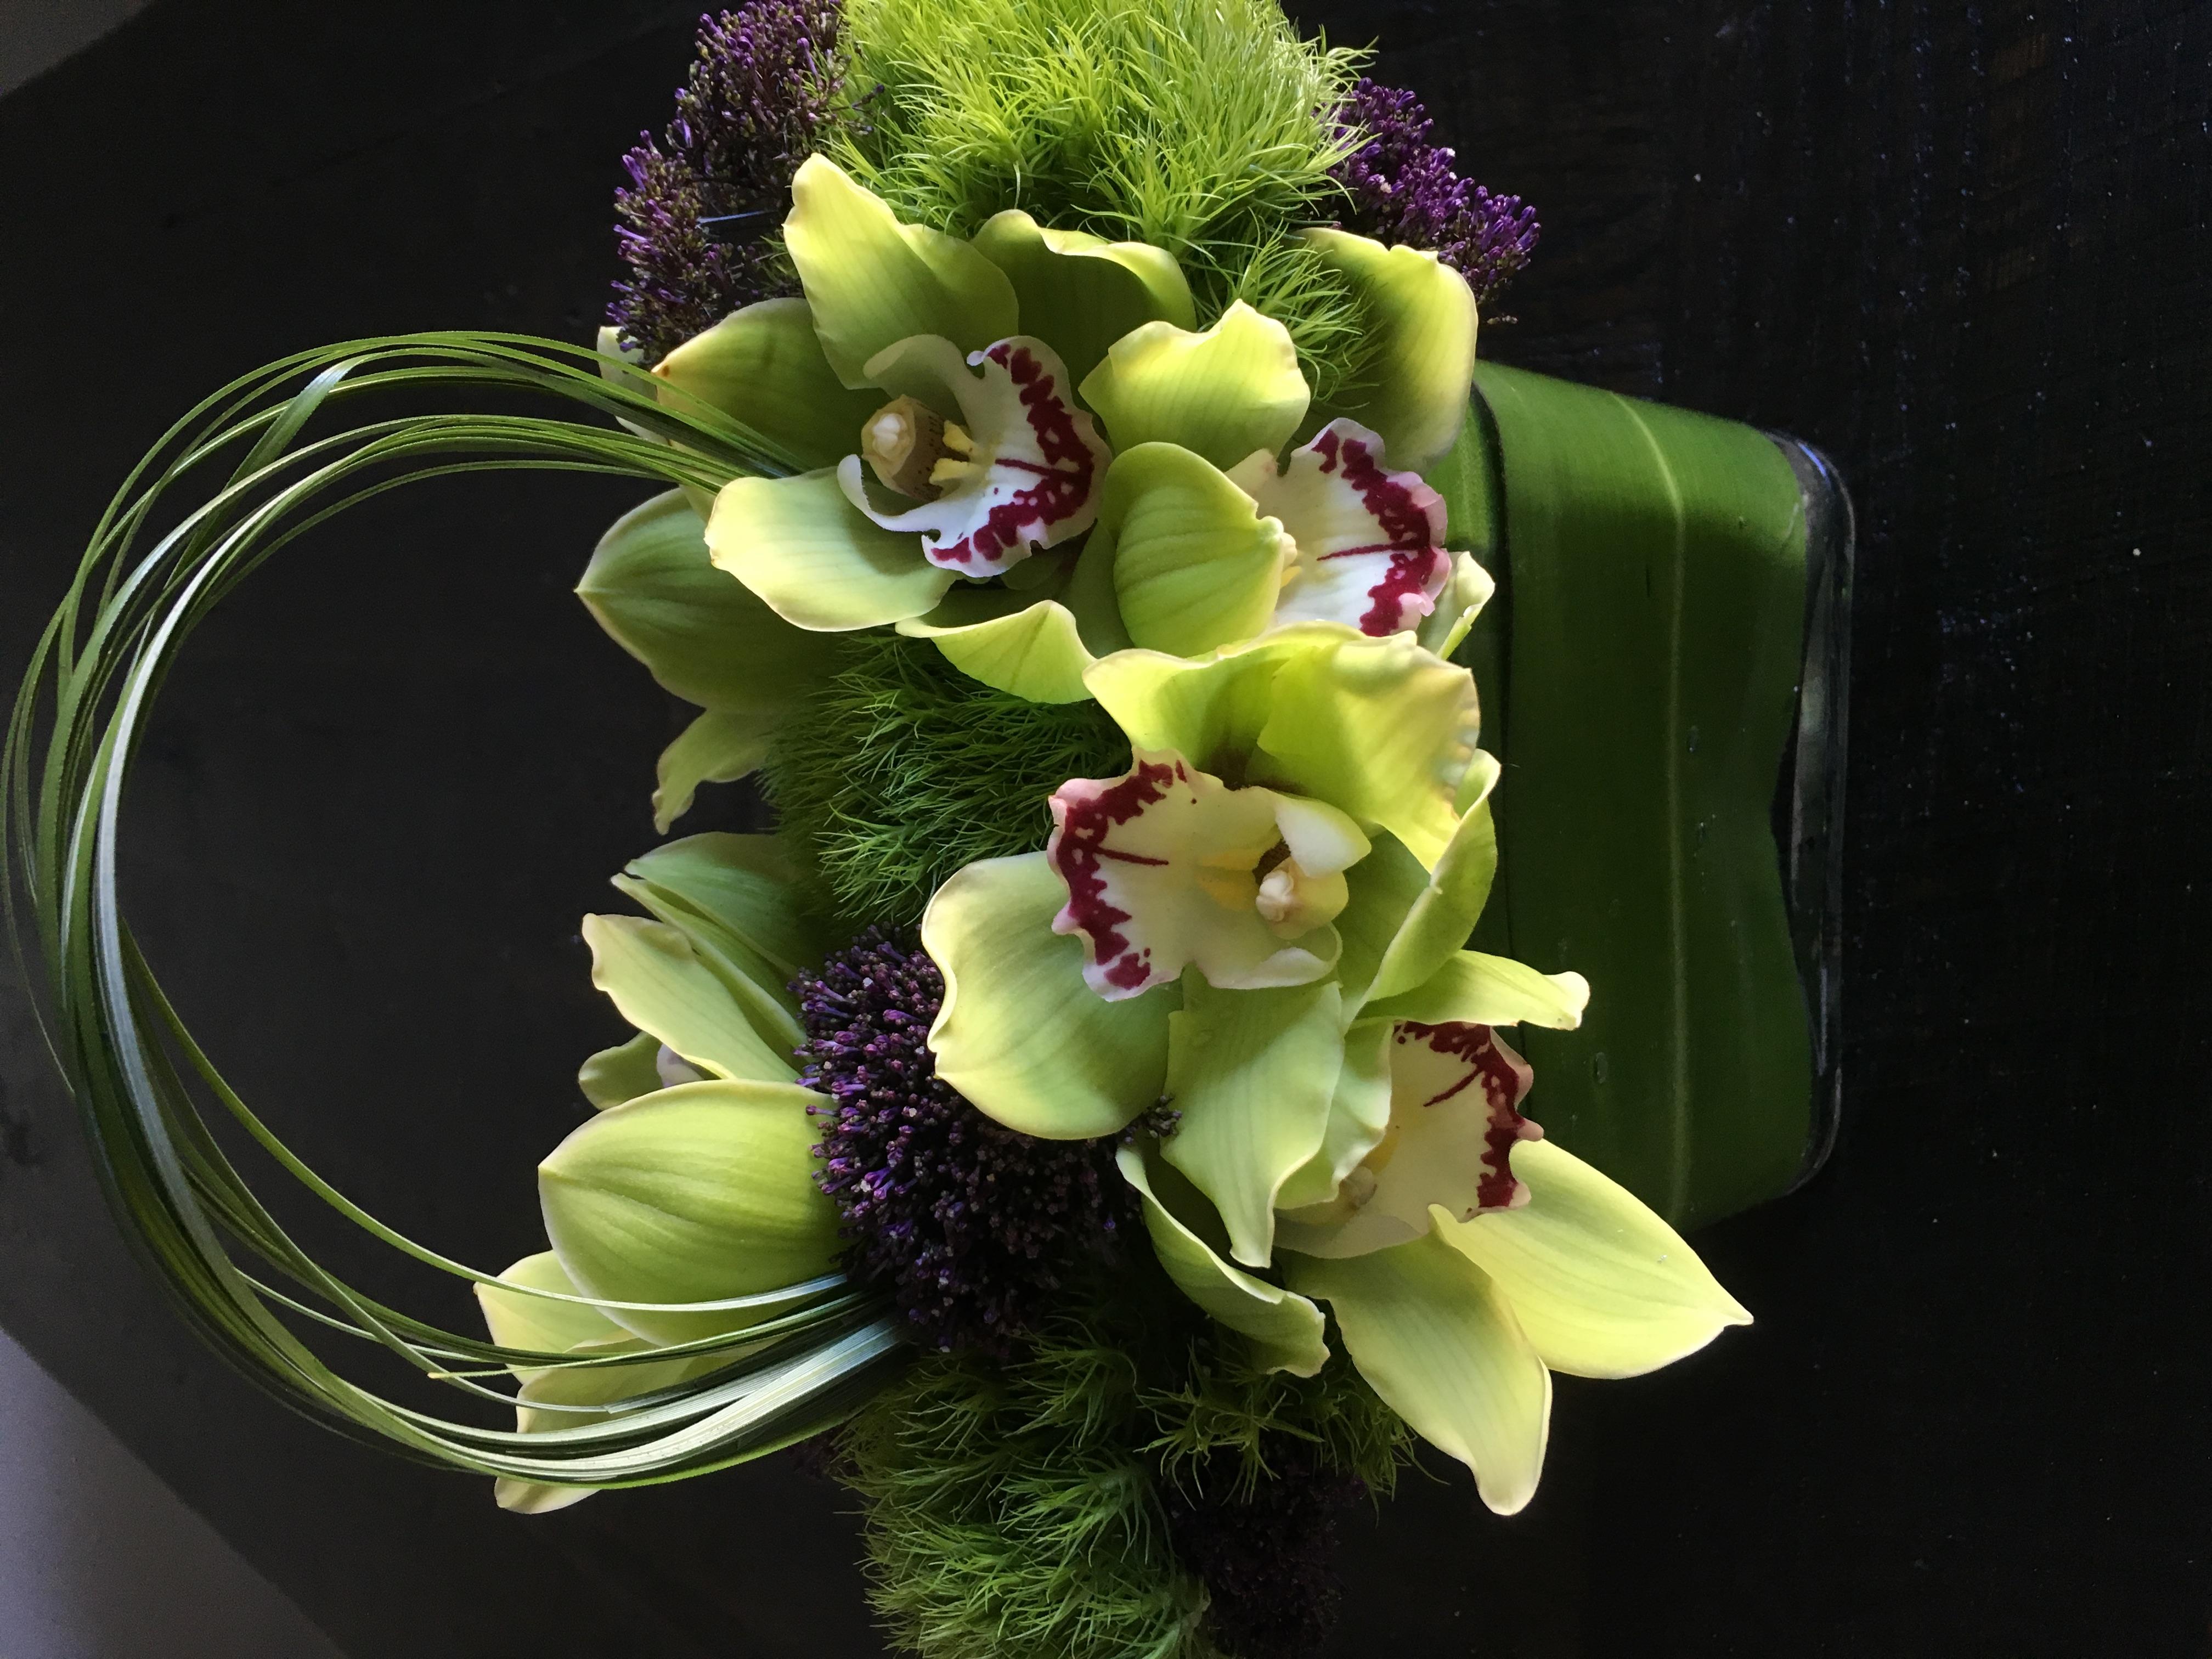 Cymbidium Orchids & Tropical Florals